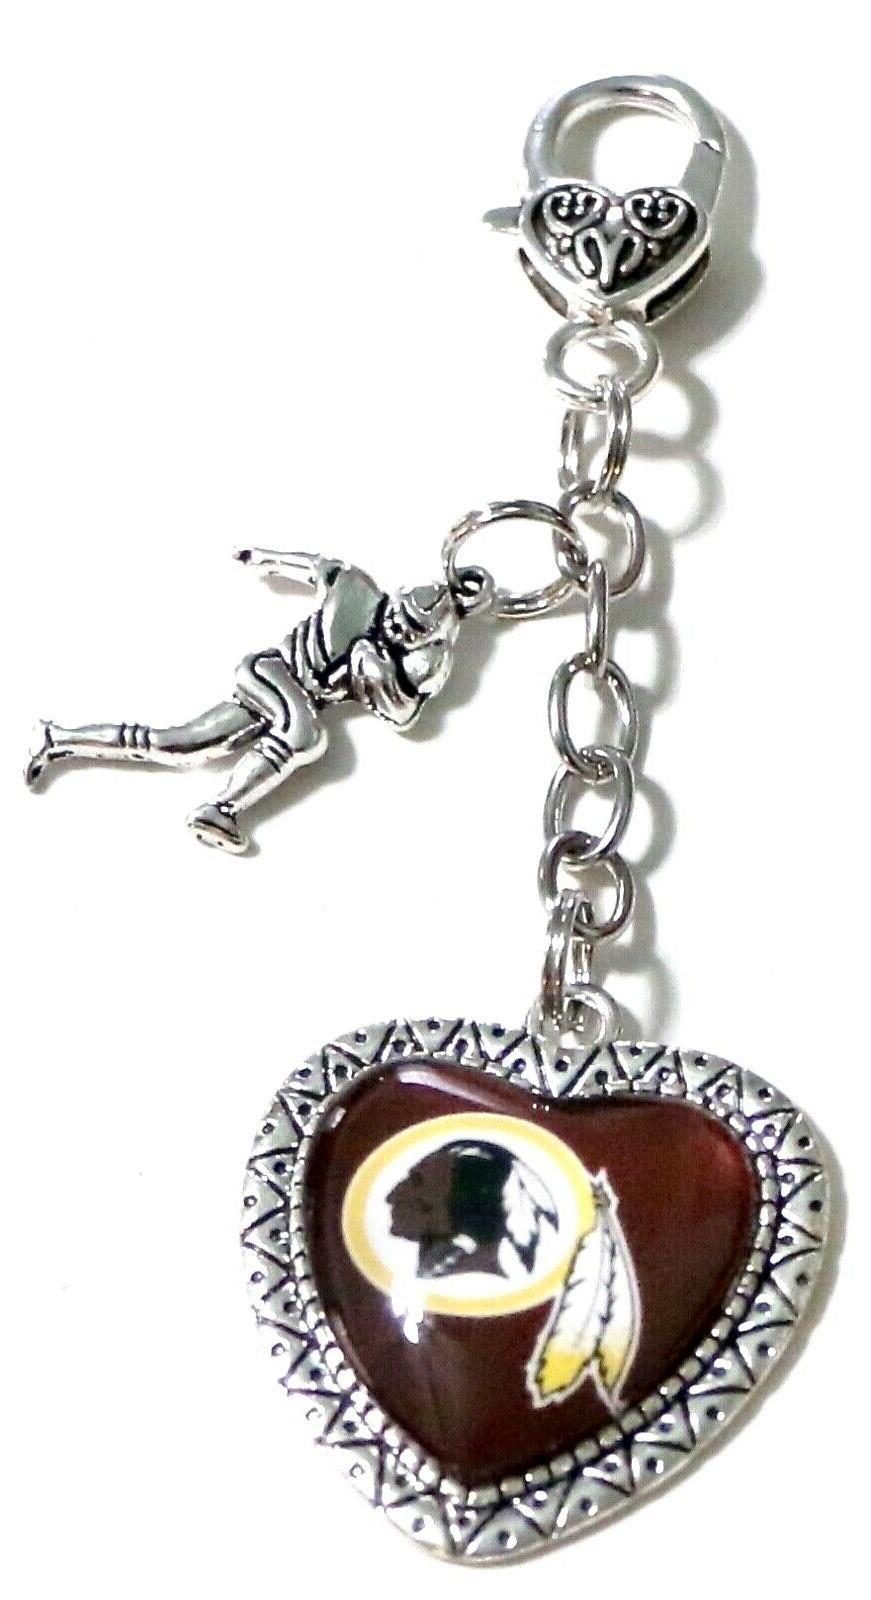 washington redskins purse charm